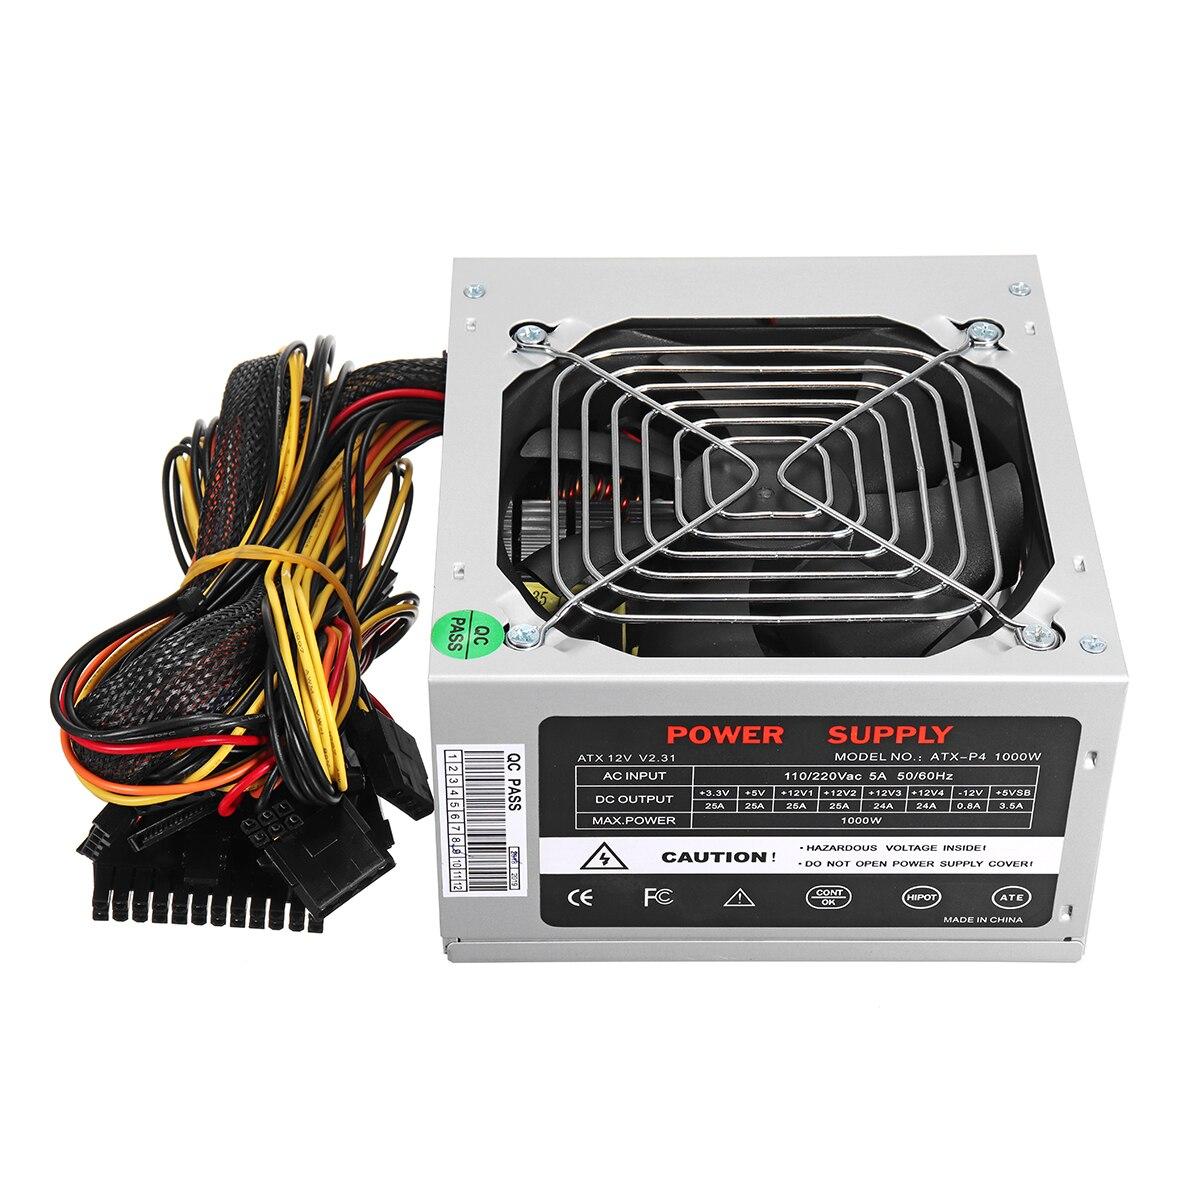 Max 1000W ATX alimentation ventilateur silencieux pour Intel AMD PC PC ordinateur mineur - 3